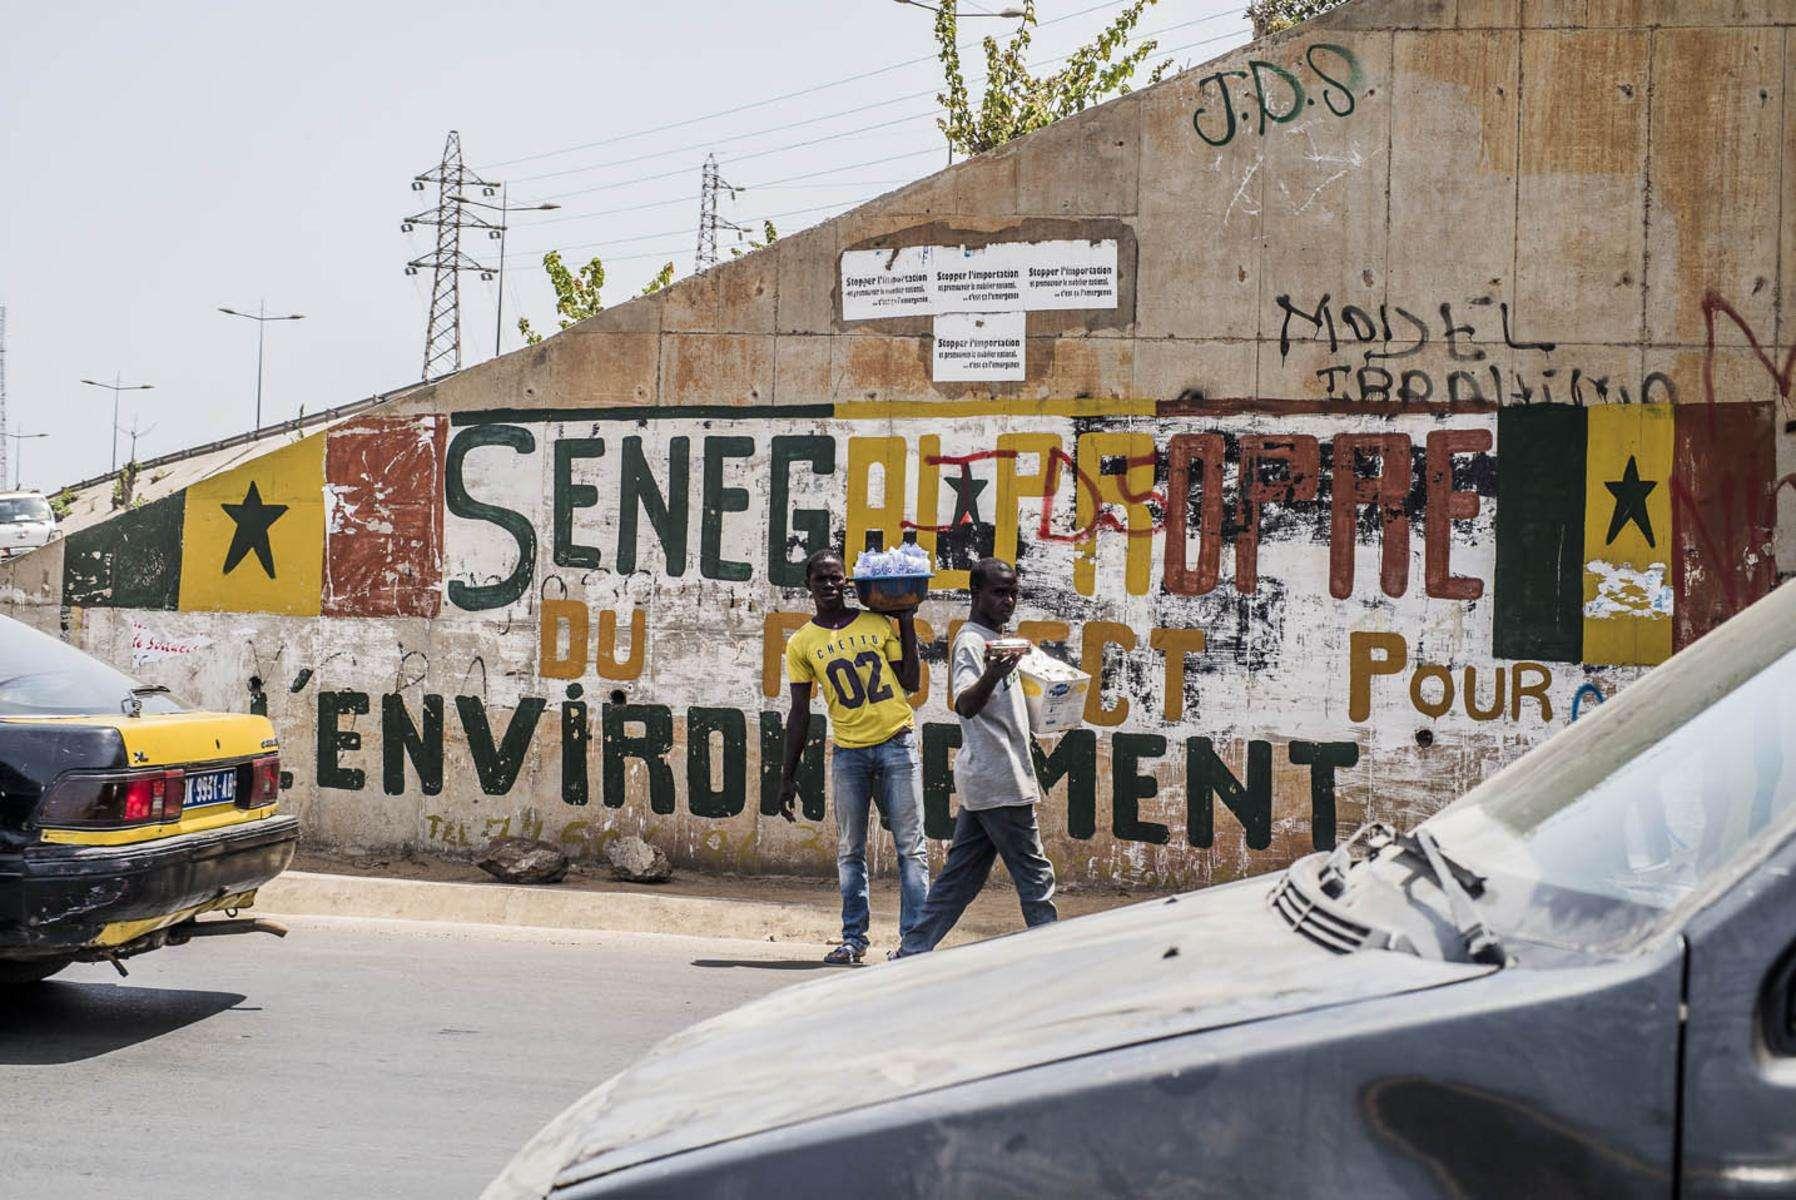 En mai 2016, l'université Cheick Anta Diop, en collaboration avec l'université Savoir-Mont-Blanc, a organisé des journées de rencontres sur l'énergie solaire. L'occasion pour les jeunes étudiants sénégalais de rencontrer un pionnier du solaire au Sénégal : le Français Jean-Pierre Girardier.